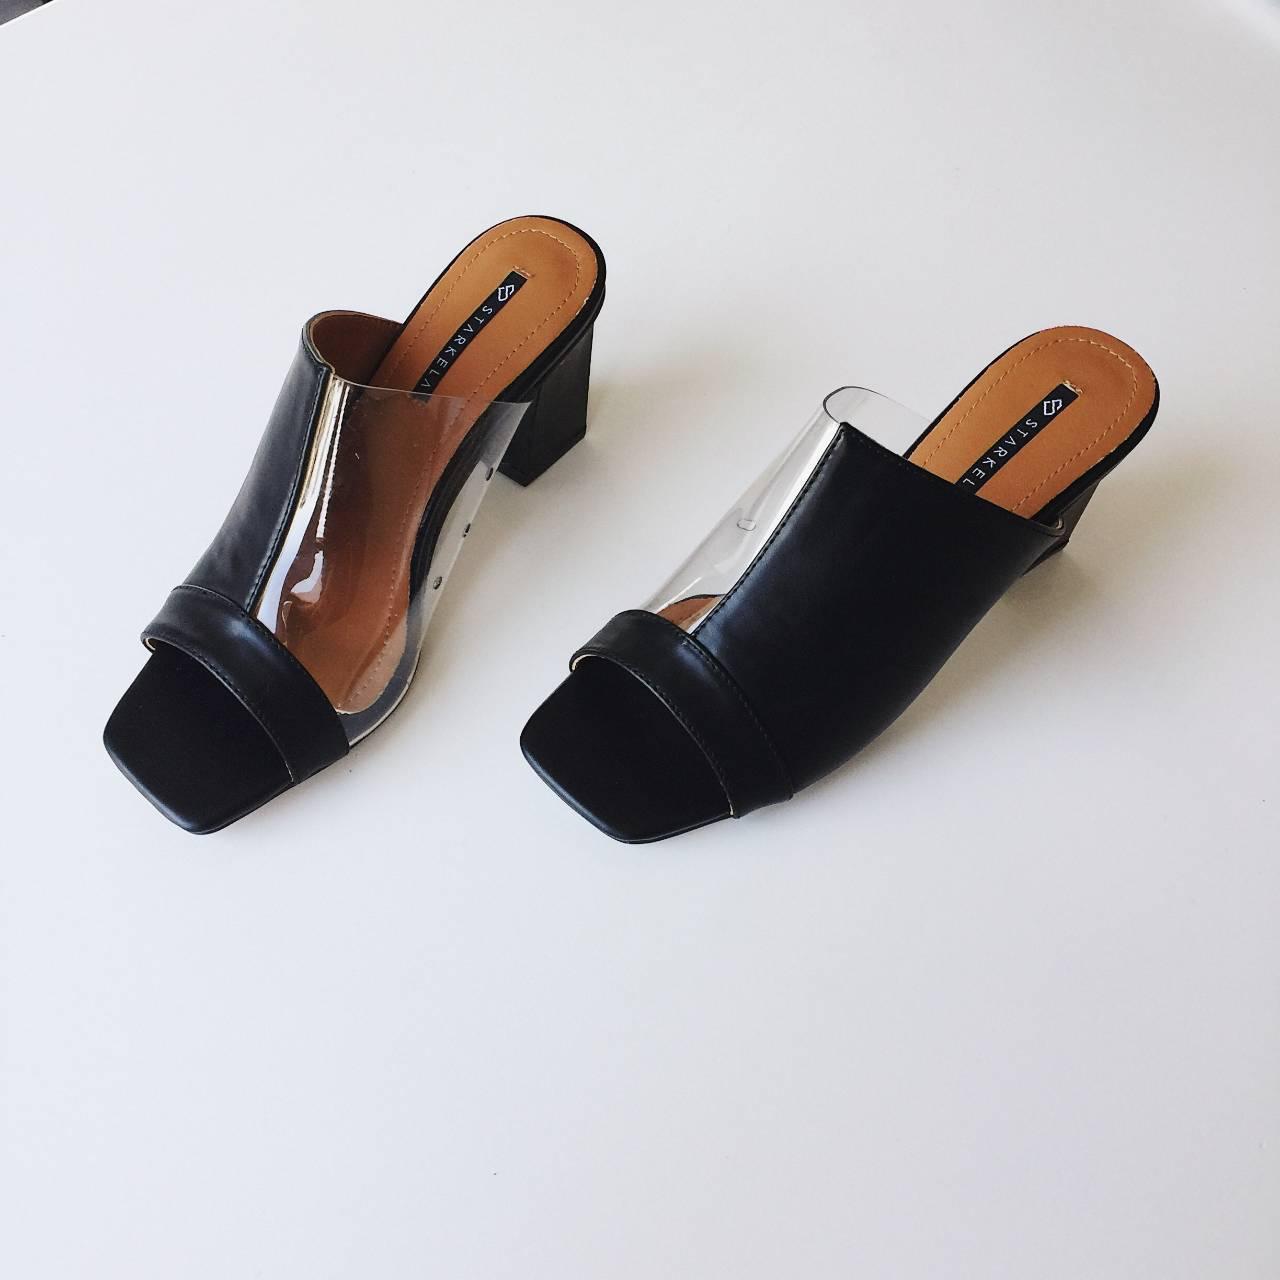 รองเท้าแฟชั่นสีดำ